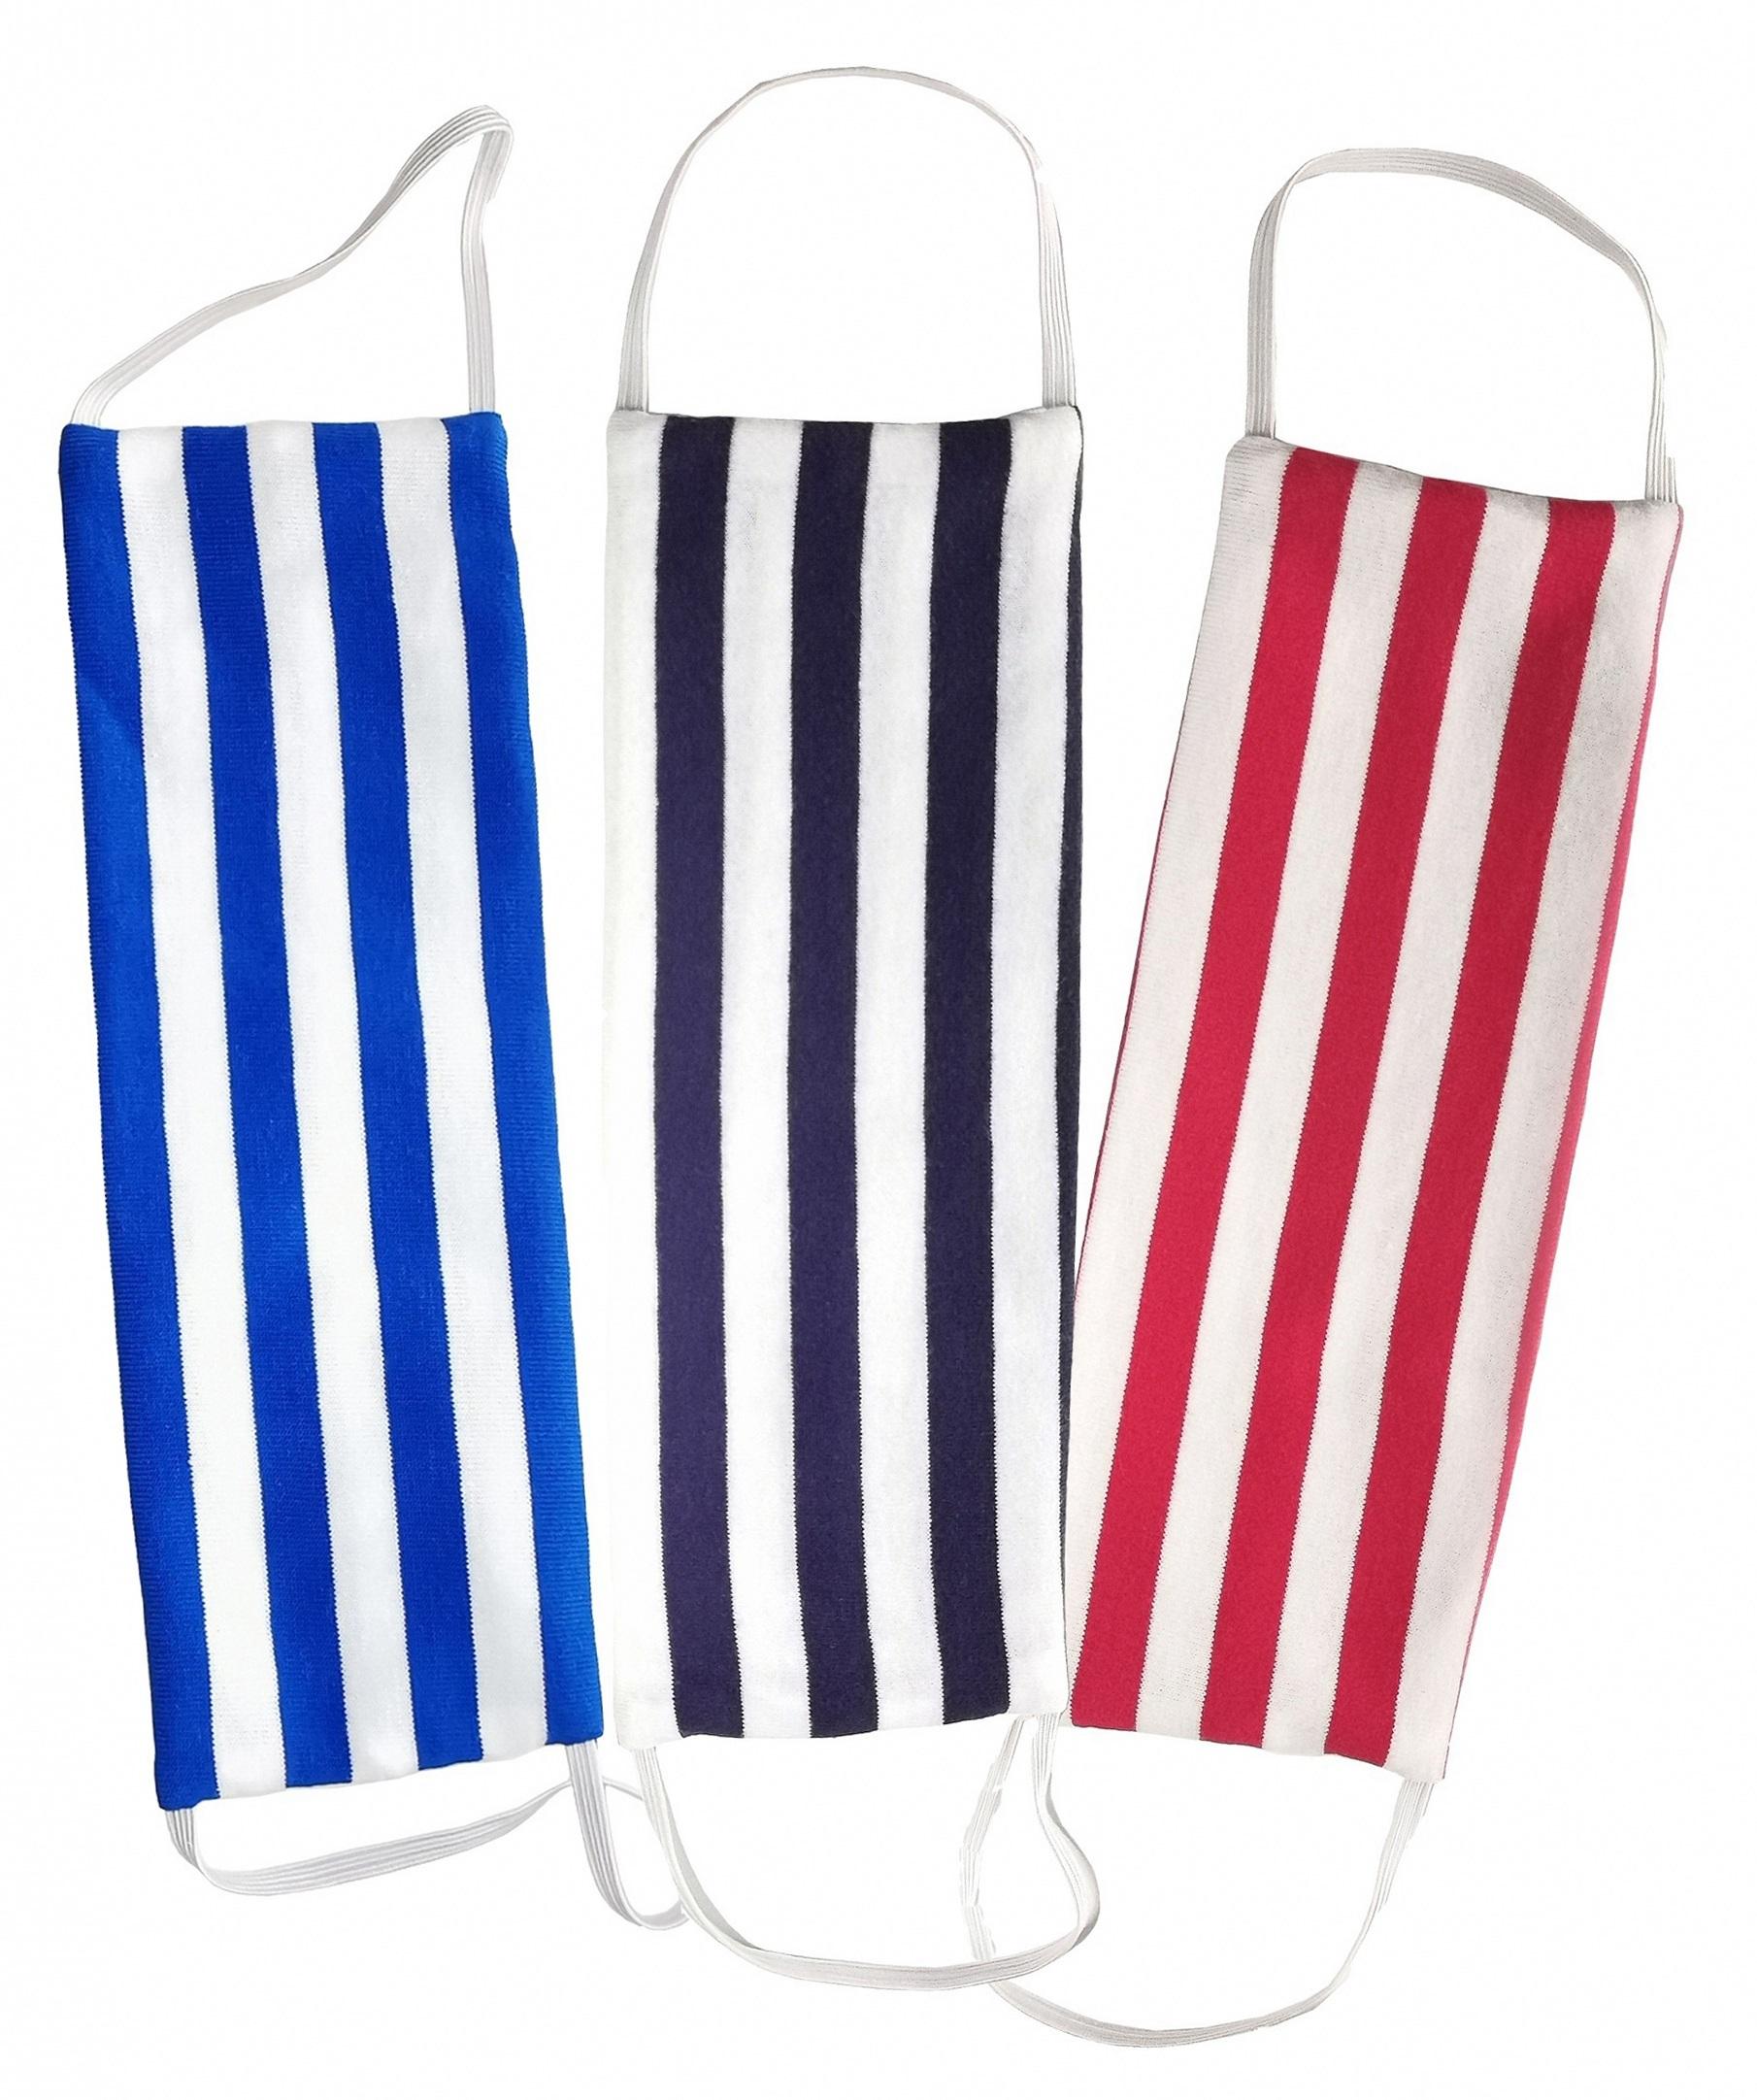 AGLAE MICHON Набор масок декоративных многоразовых с карманом для фильтра (полоска черно-белая, сине-белая, красно-белая) 3 шт